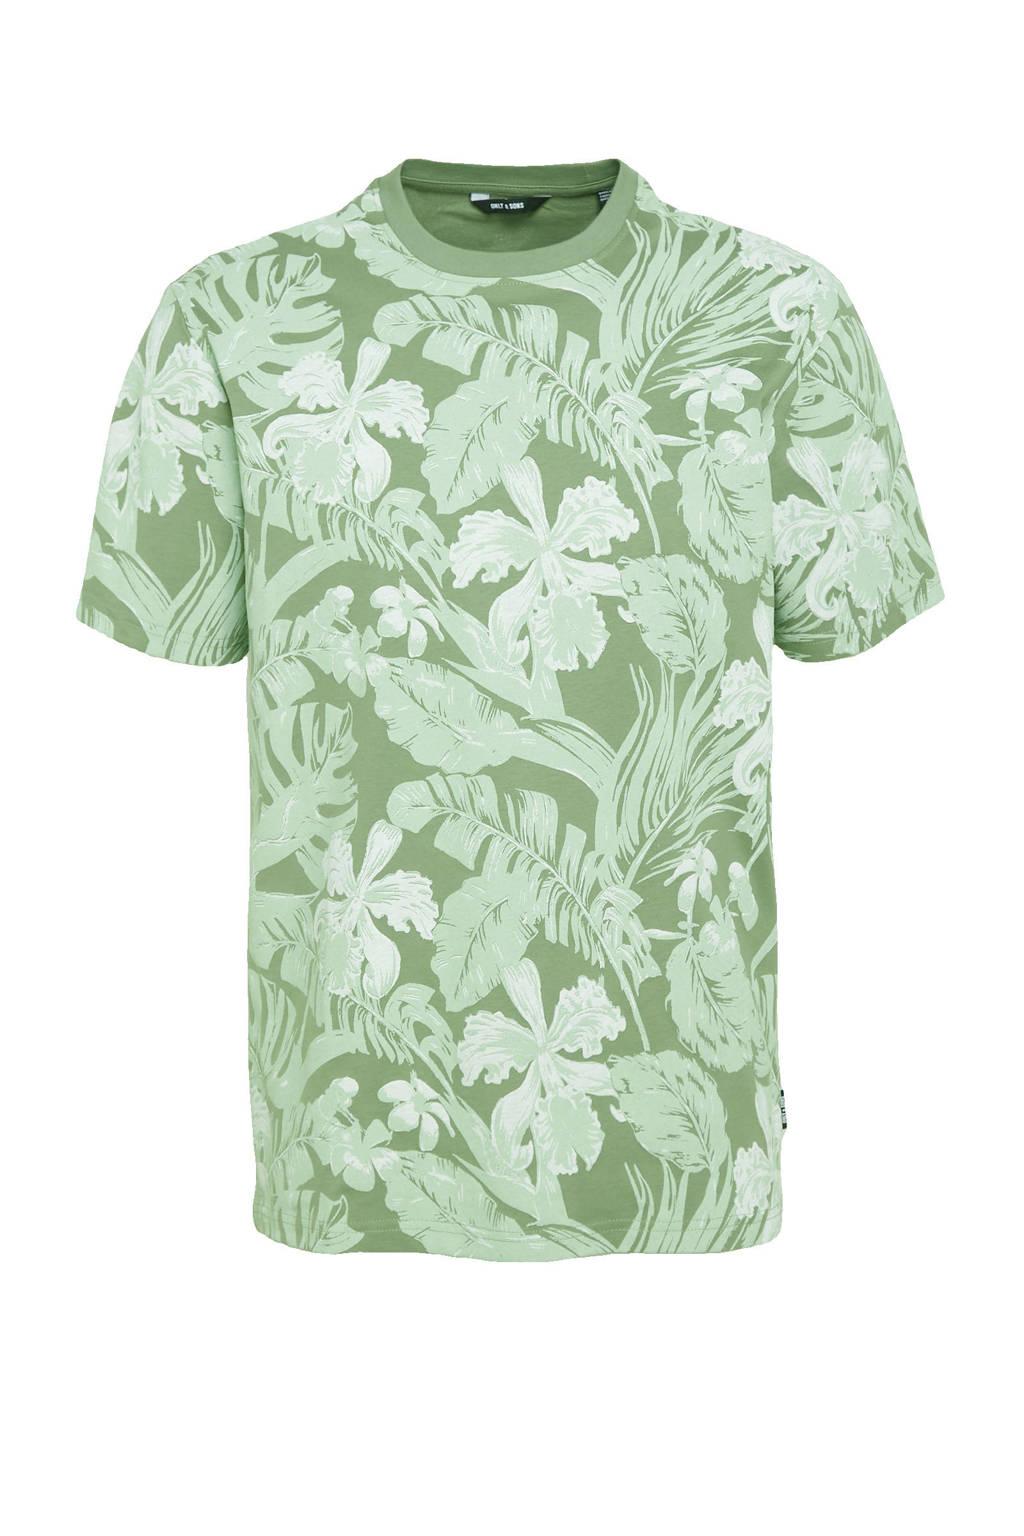 ONLY & SONS T-shirt van biologisch katoen met bladprint groen, Groen